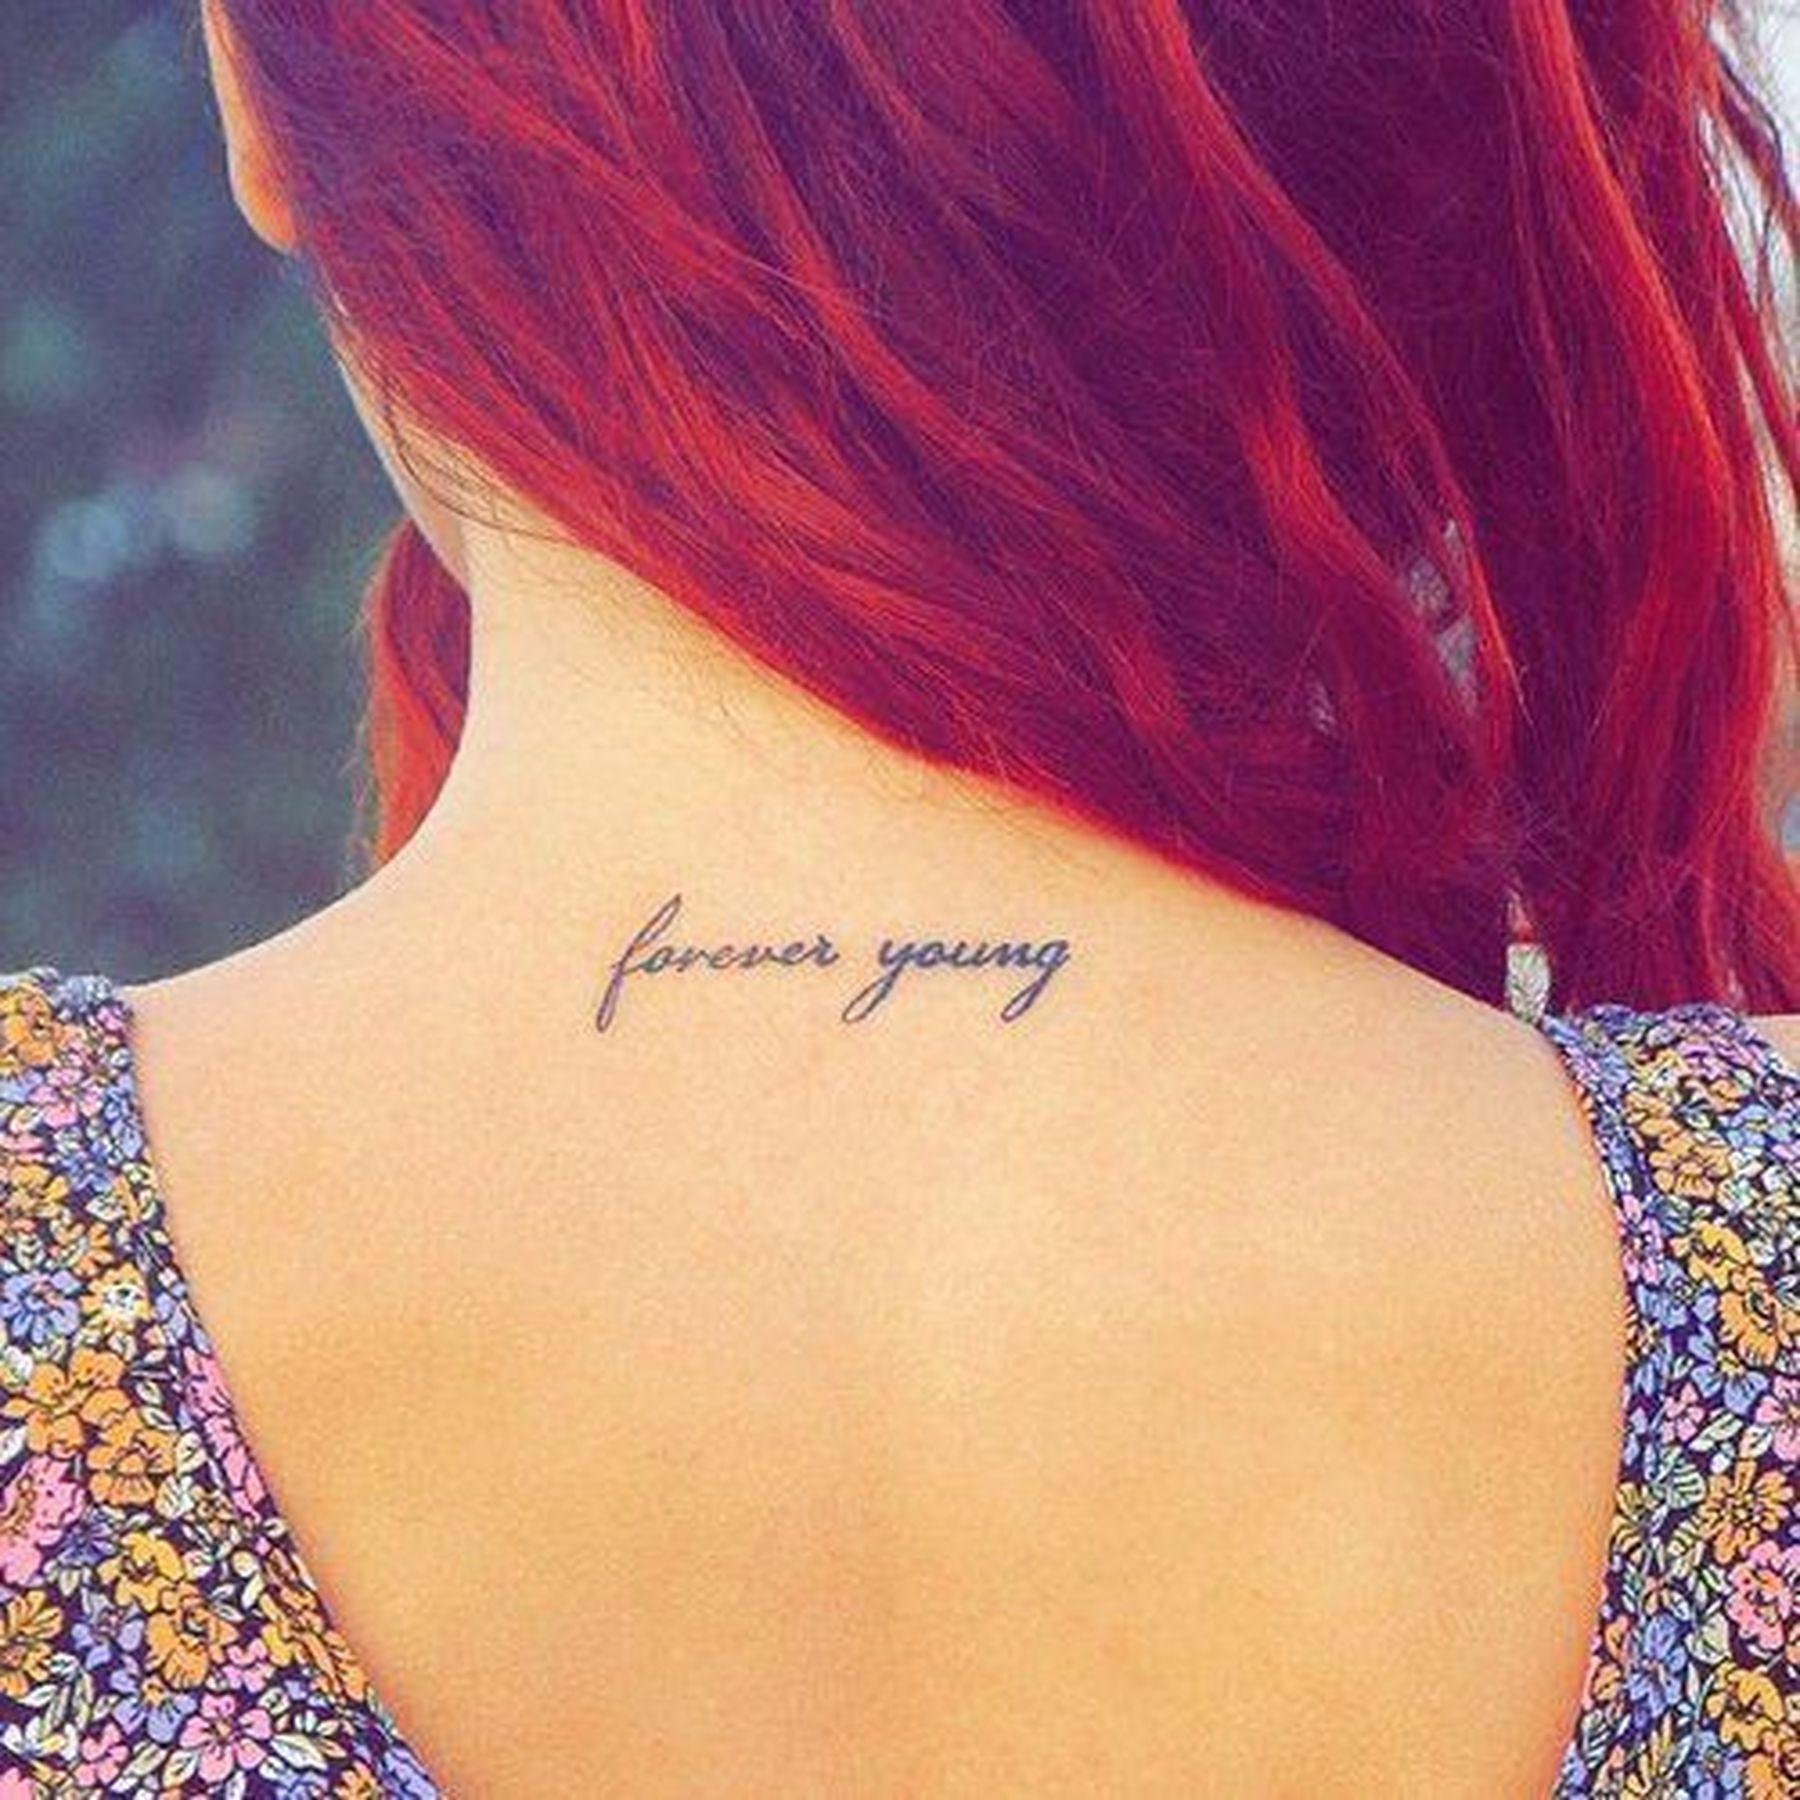 Татуировки для девушки на шее: 100 лучших идеи на фото - Рататум 89